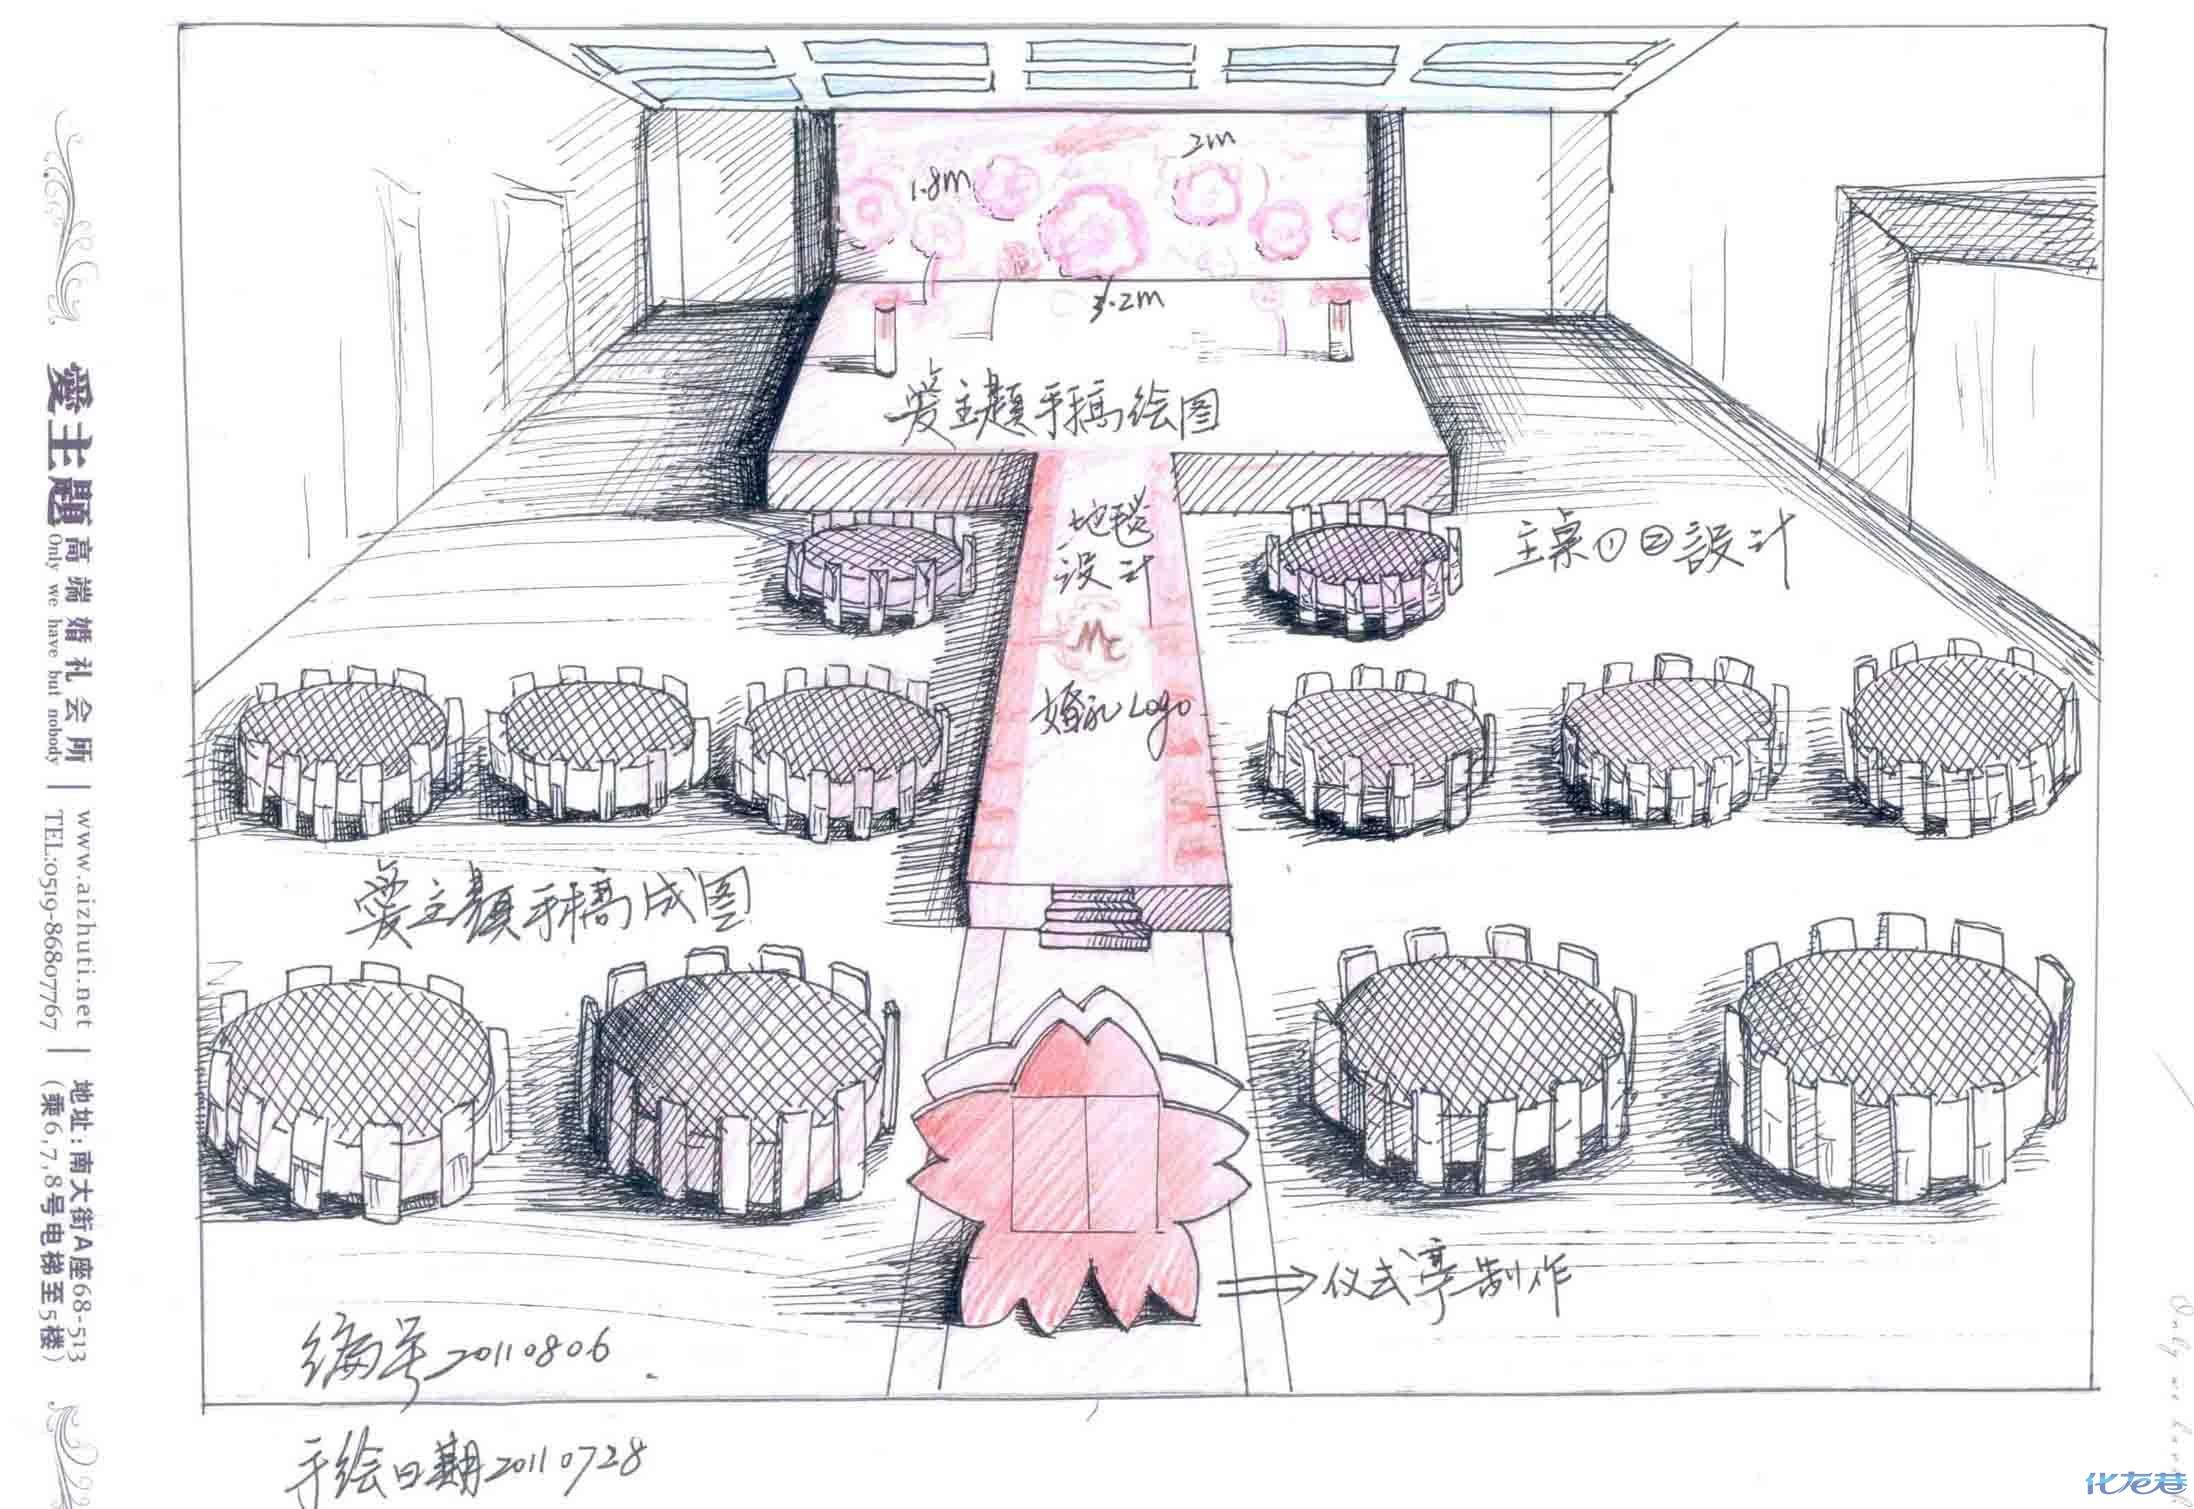 描述:2,设计师的手绘图,高端婚礼定制的必须